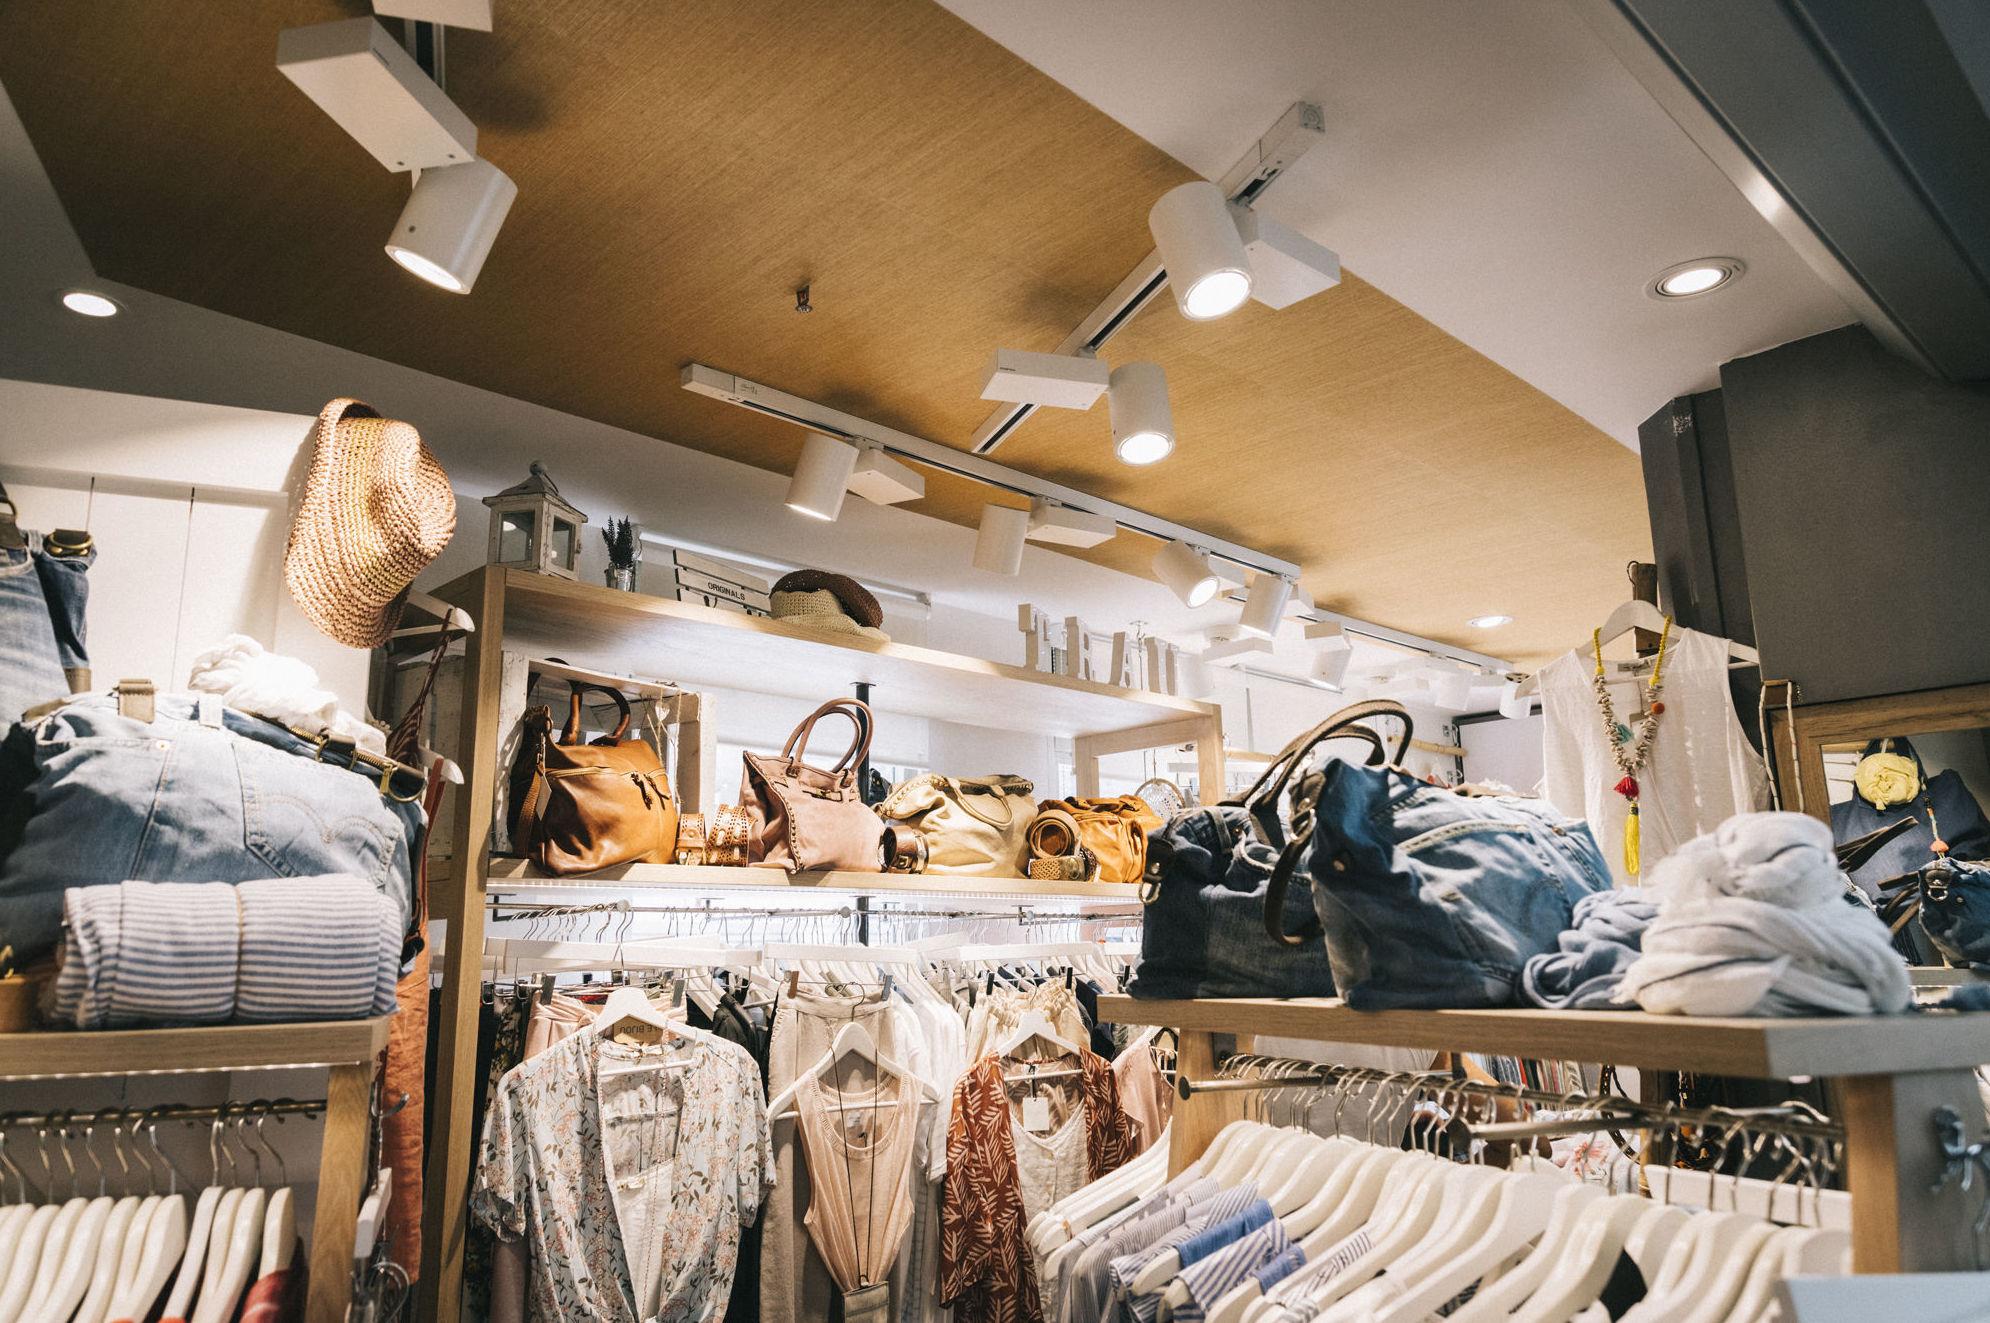 Detalle interior tienda de ropa, Mercat de Sant Antoni.